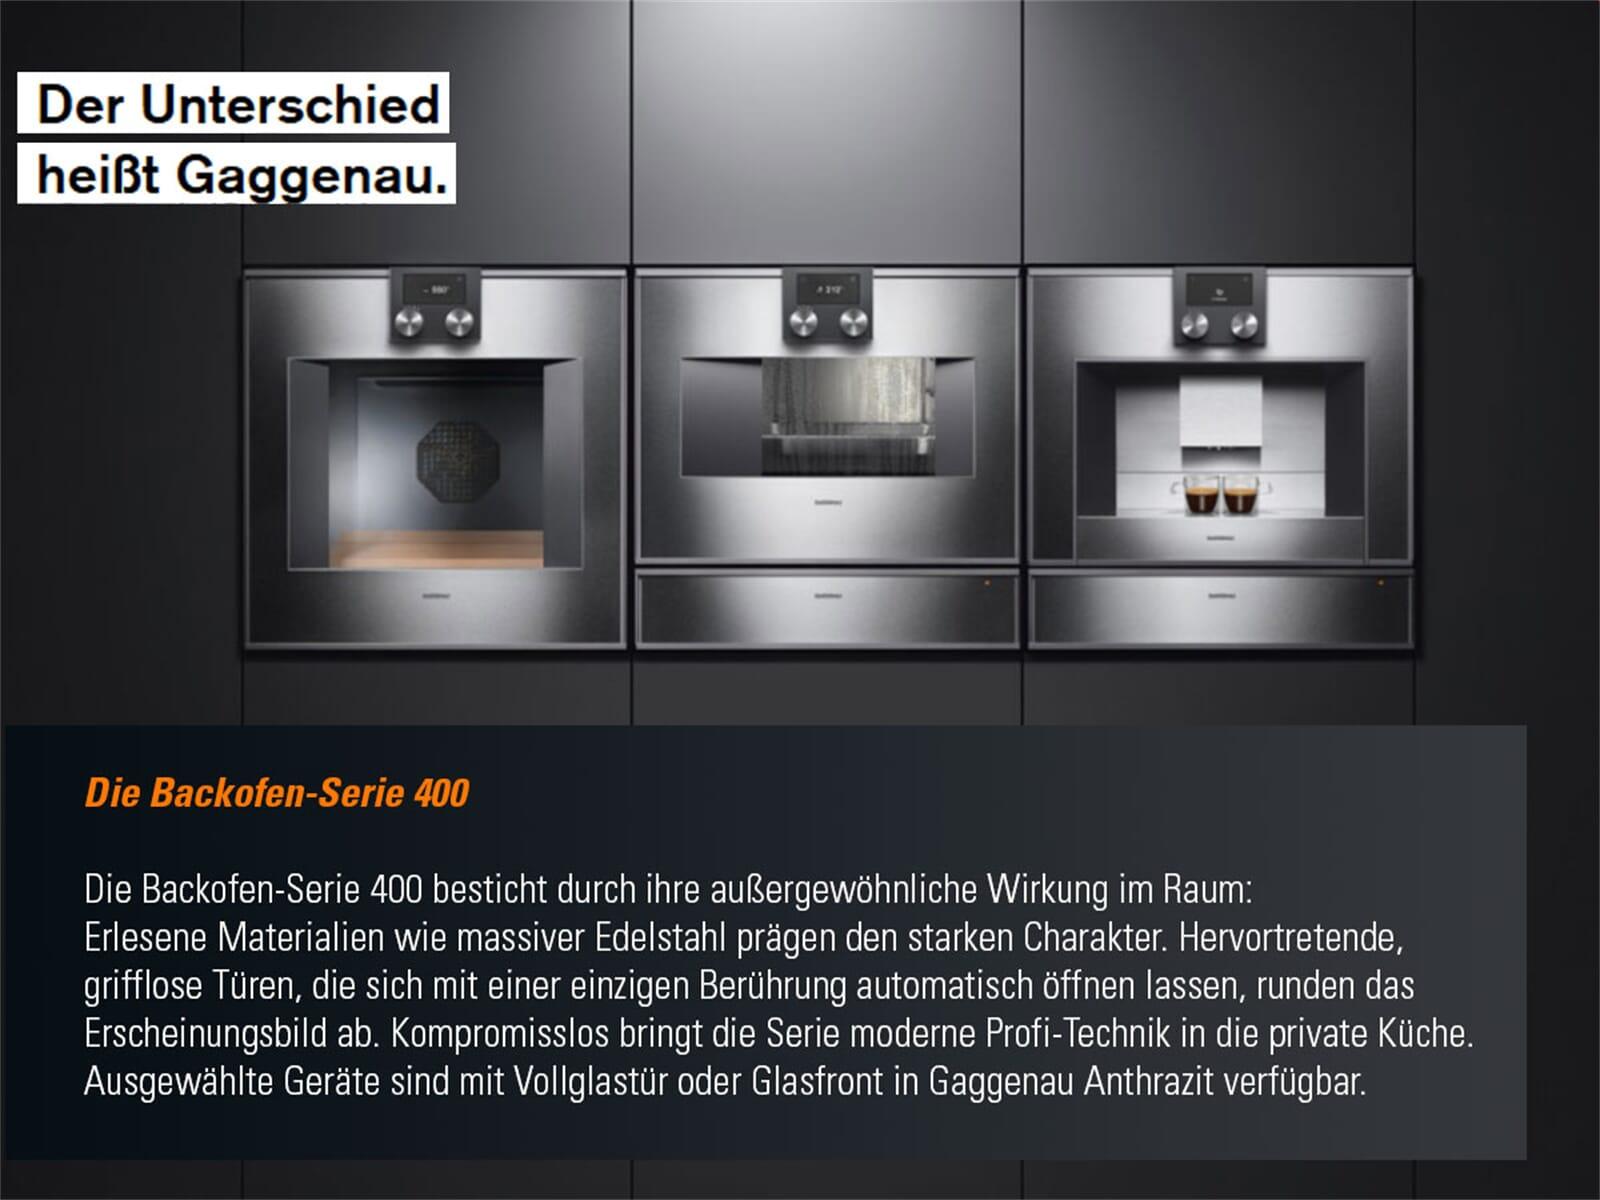 Gaggenau WS 462 100 Wärmeschublade Serie 400 Anthrazit